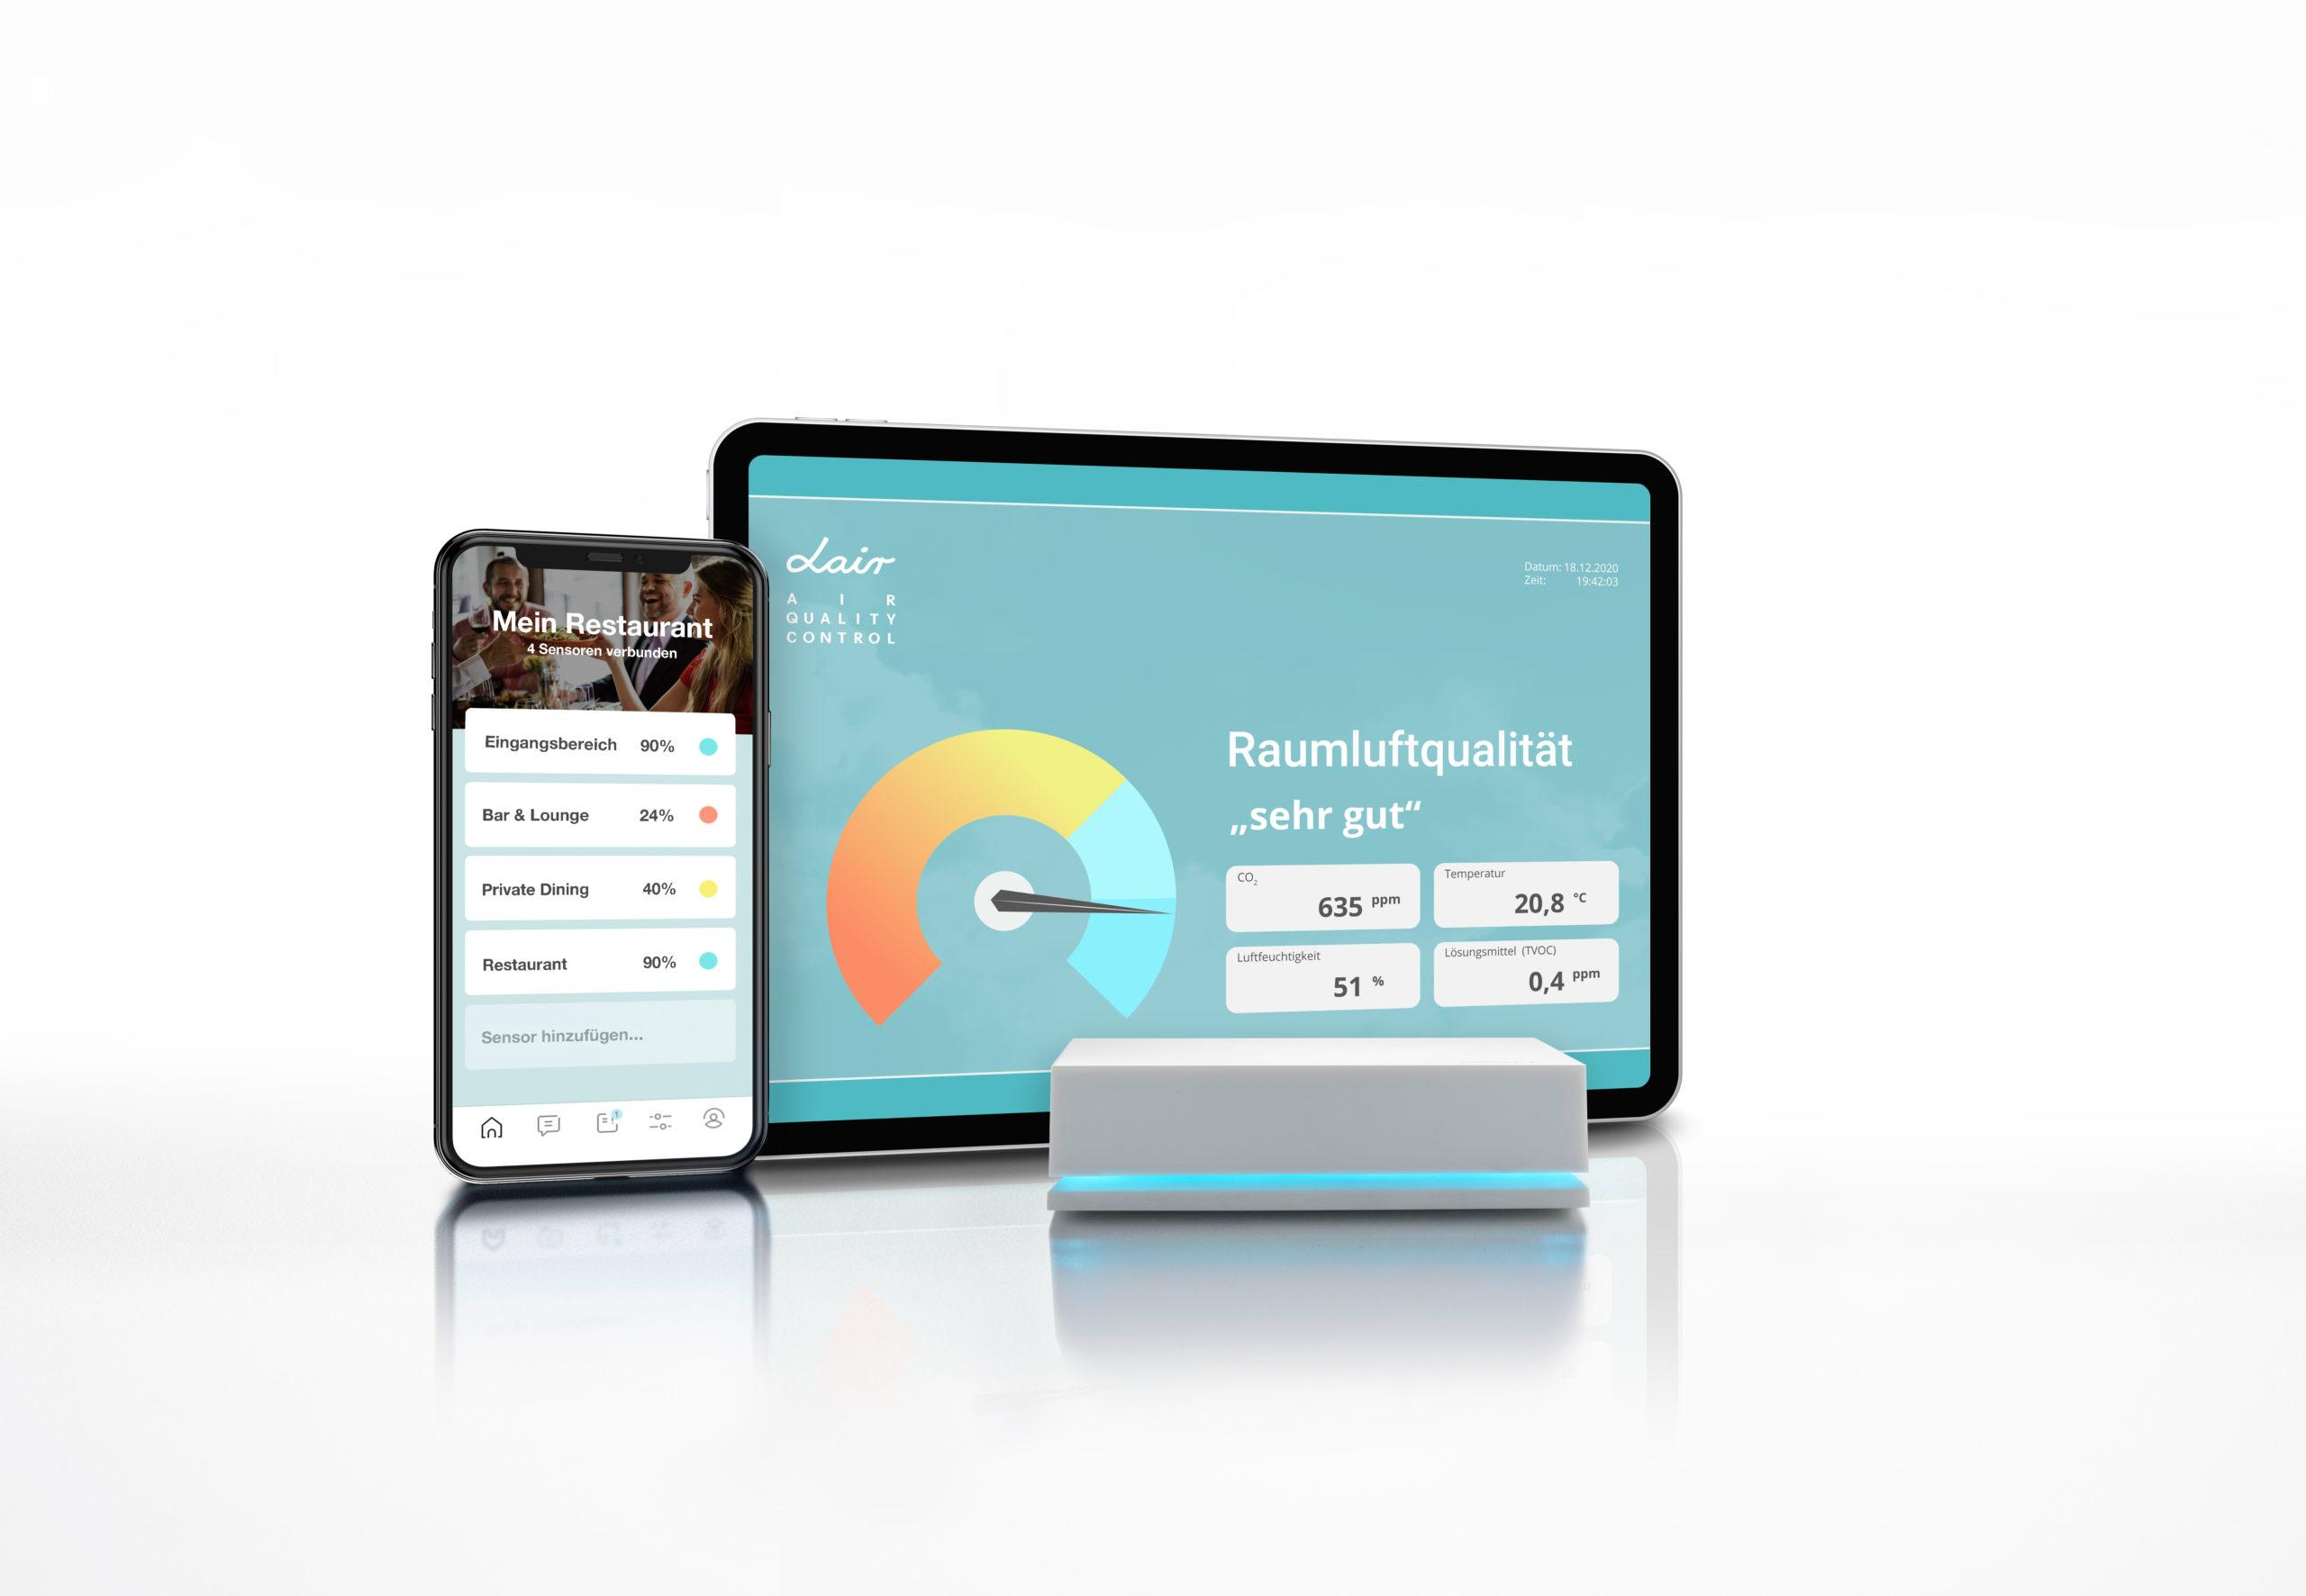 LAIR ONE Raumluftmessung Uebersicht für Smartphone und Tablet